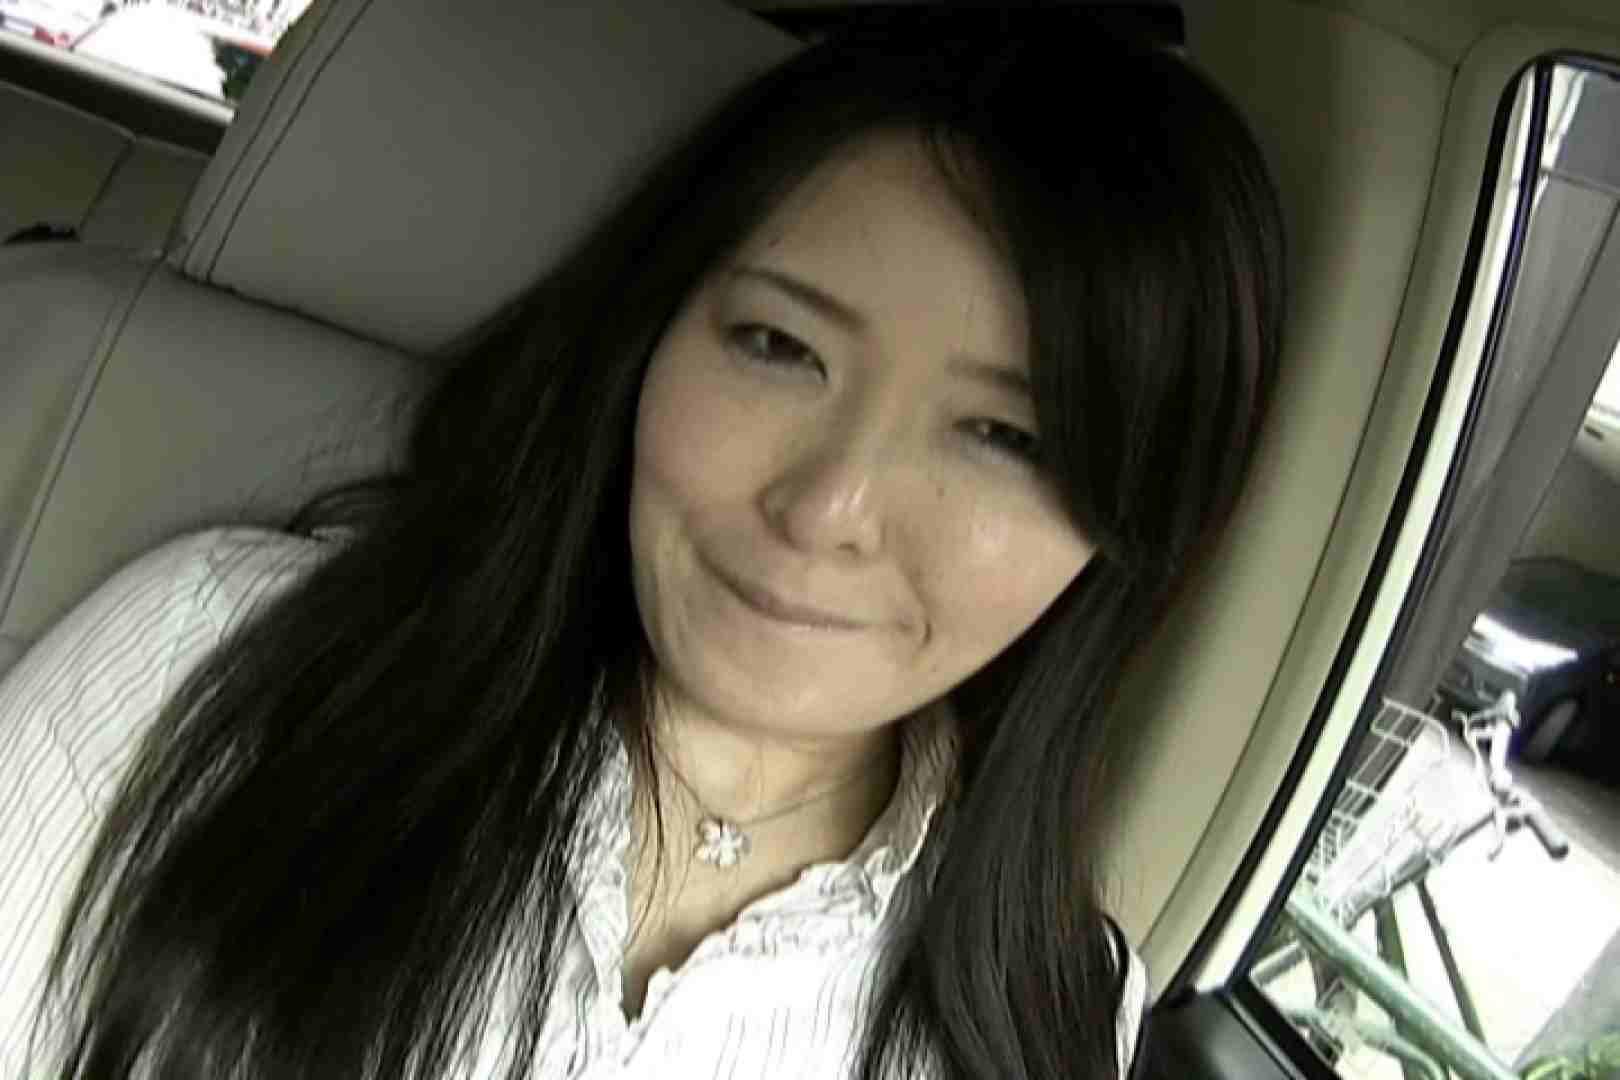 ハイビジョンパンチラ オッテQさんの追跡パンチラ制服女子編Vol.03 OL裸体 | チラ  76画像 61